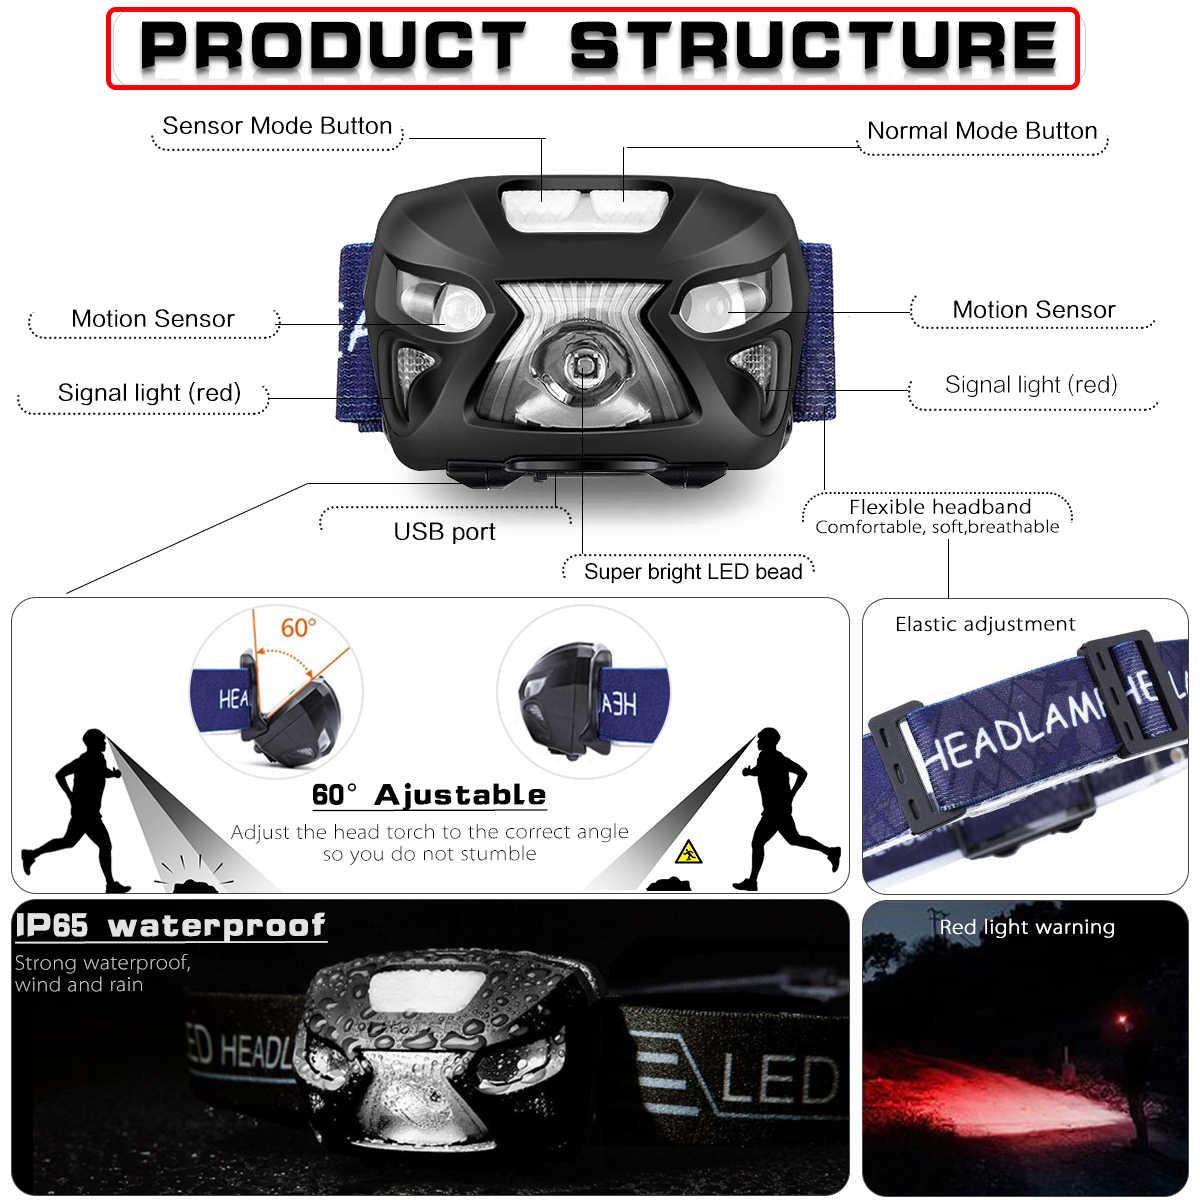 10000лм мощный налобный фонарь перезаряжаемый светодиодный налобный фонарь с датчиком движения, головной фонарик для кемпинга, фонарь с USB